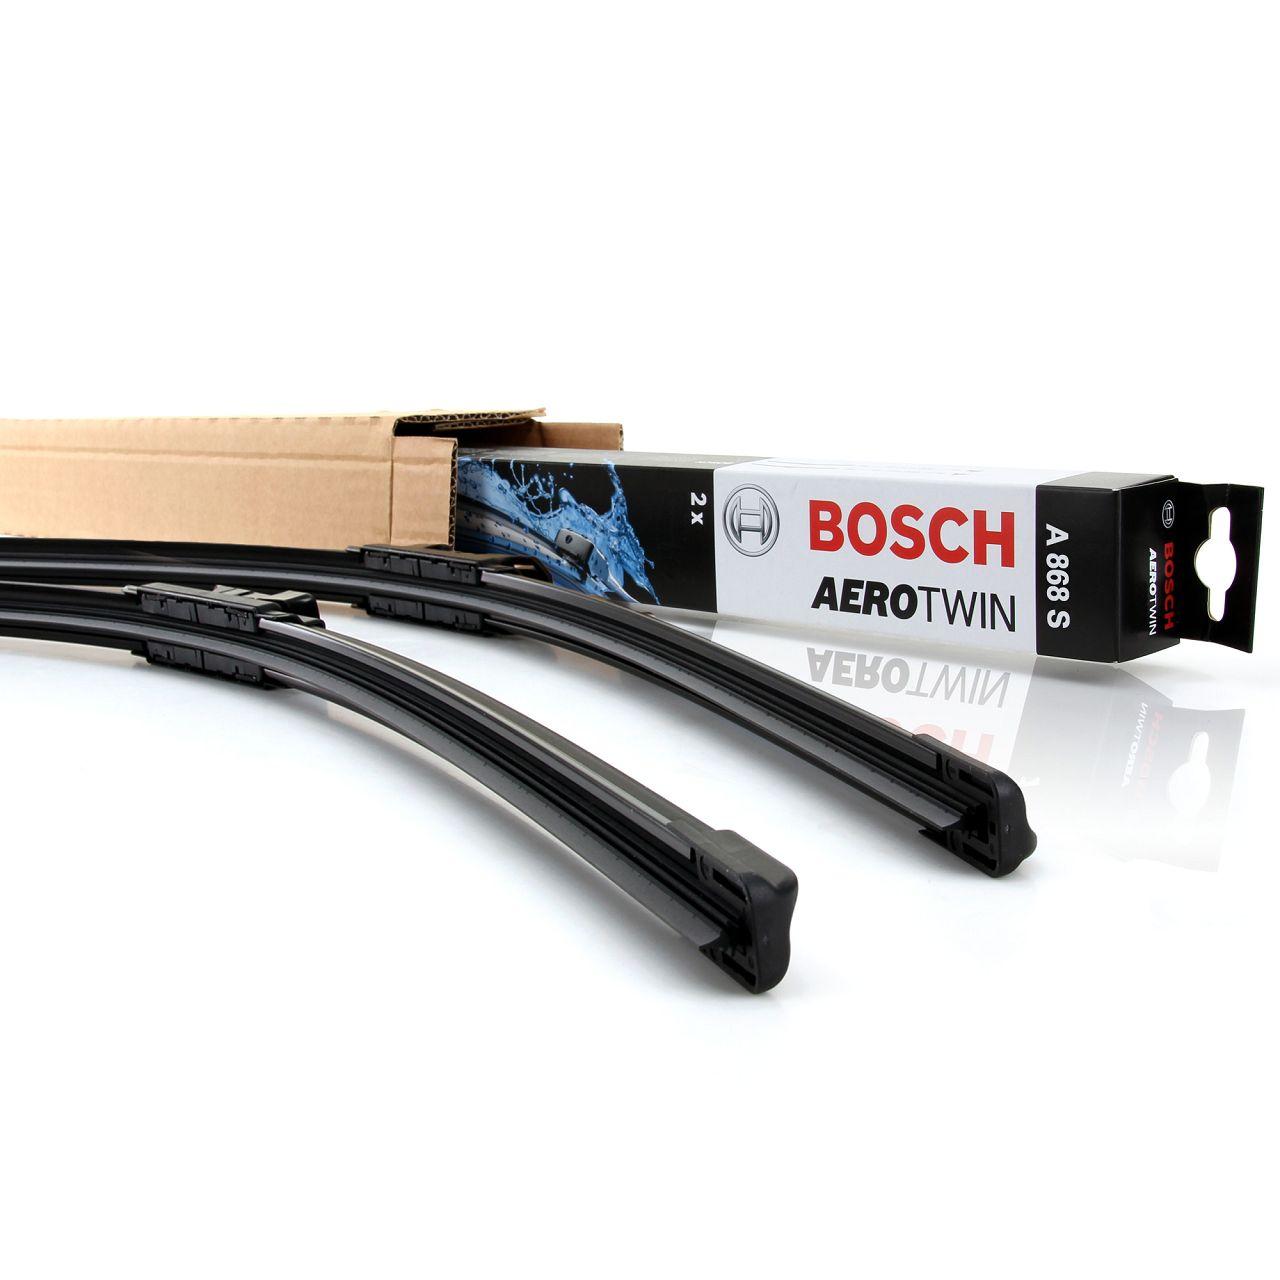 BOSCH AEROTWIN A868S Scheibenwischer Wischerblätter Wischer für RENAULT CLIO IV